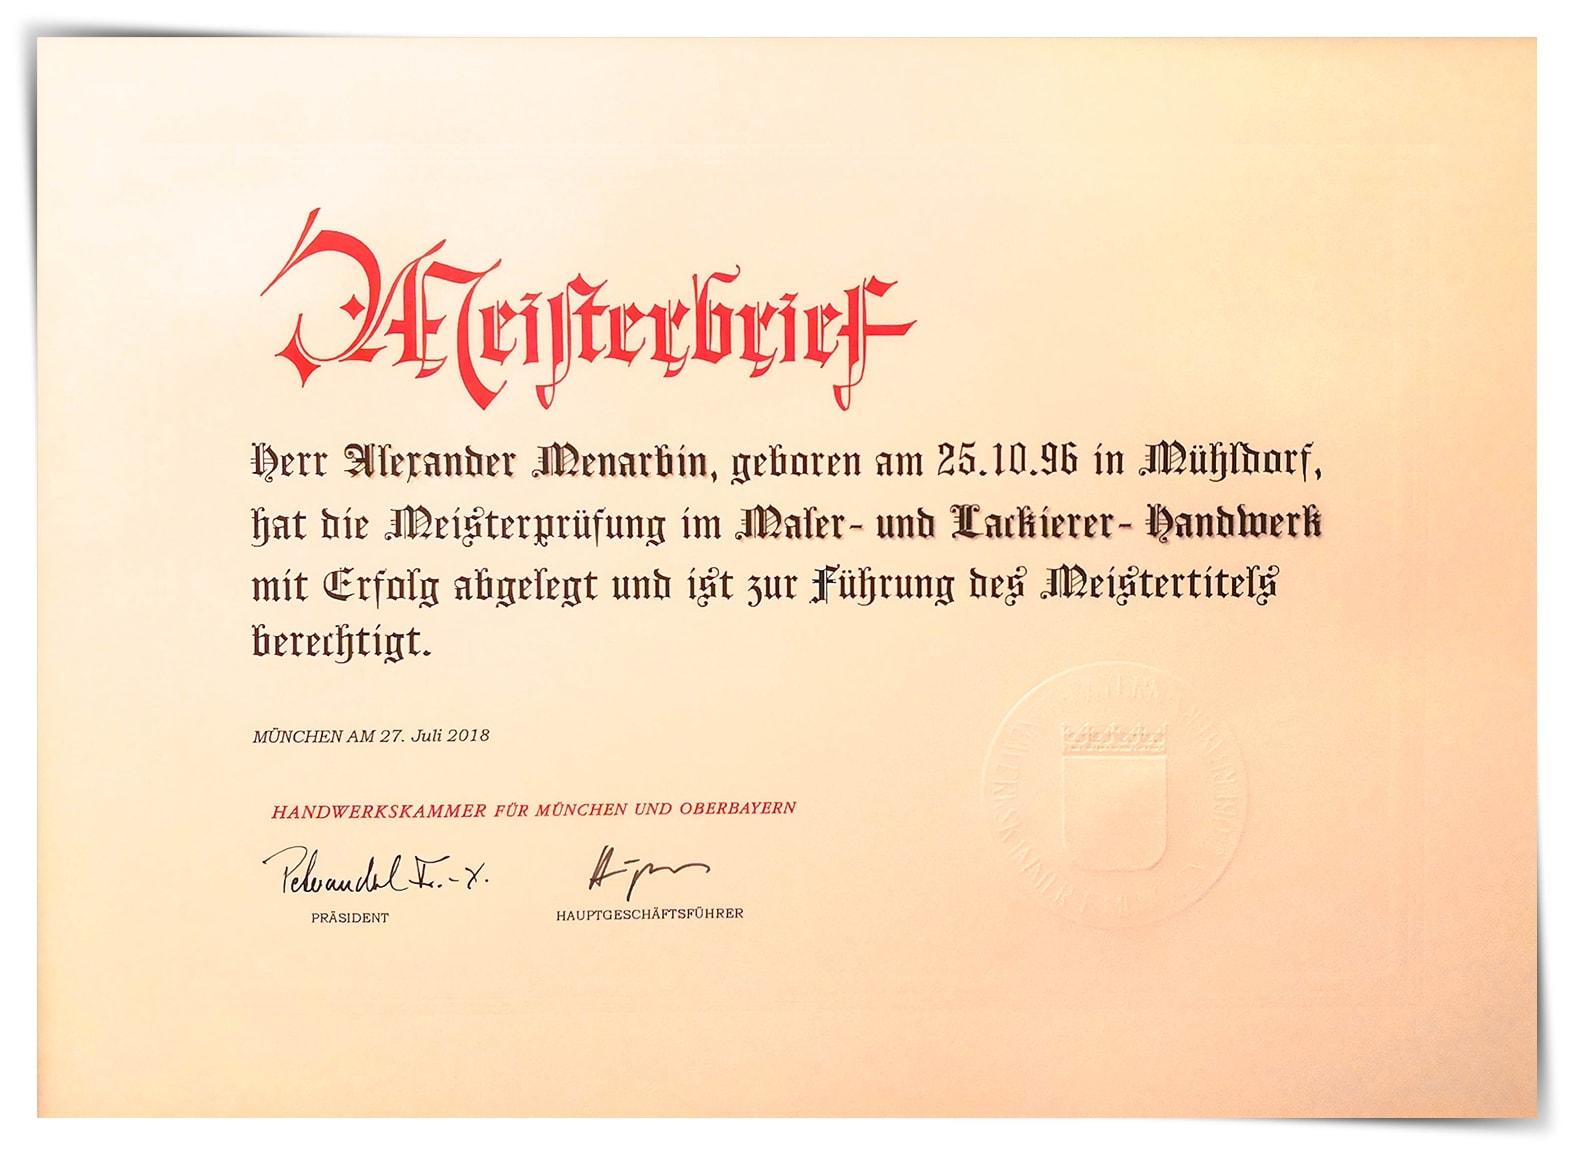 ZertifikatMenarbinFinal_rahmen-min